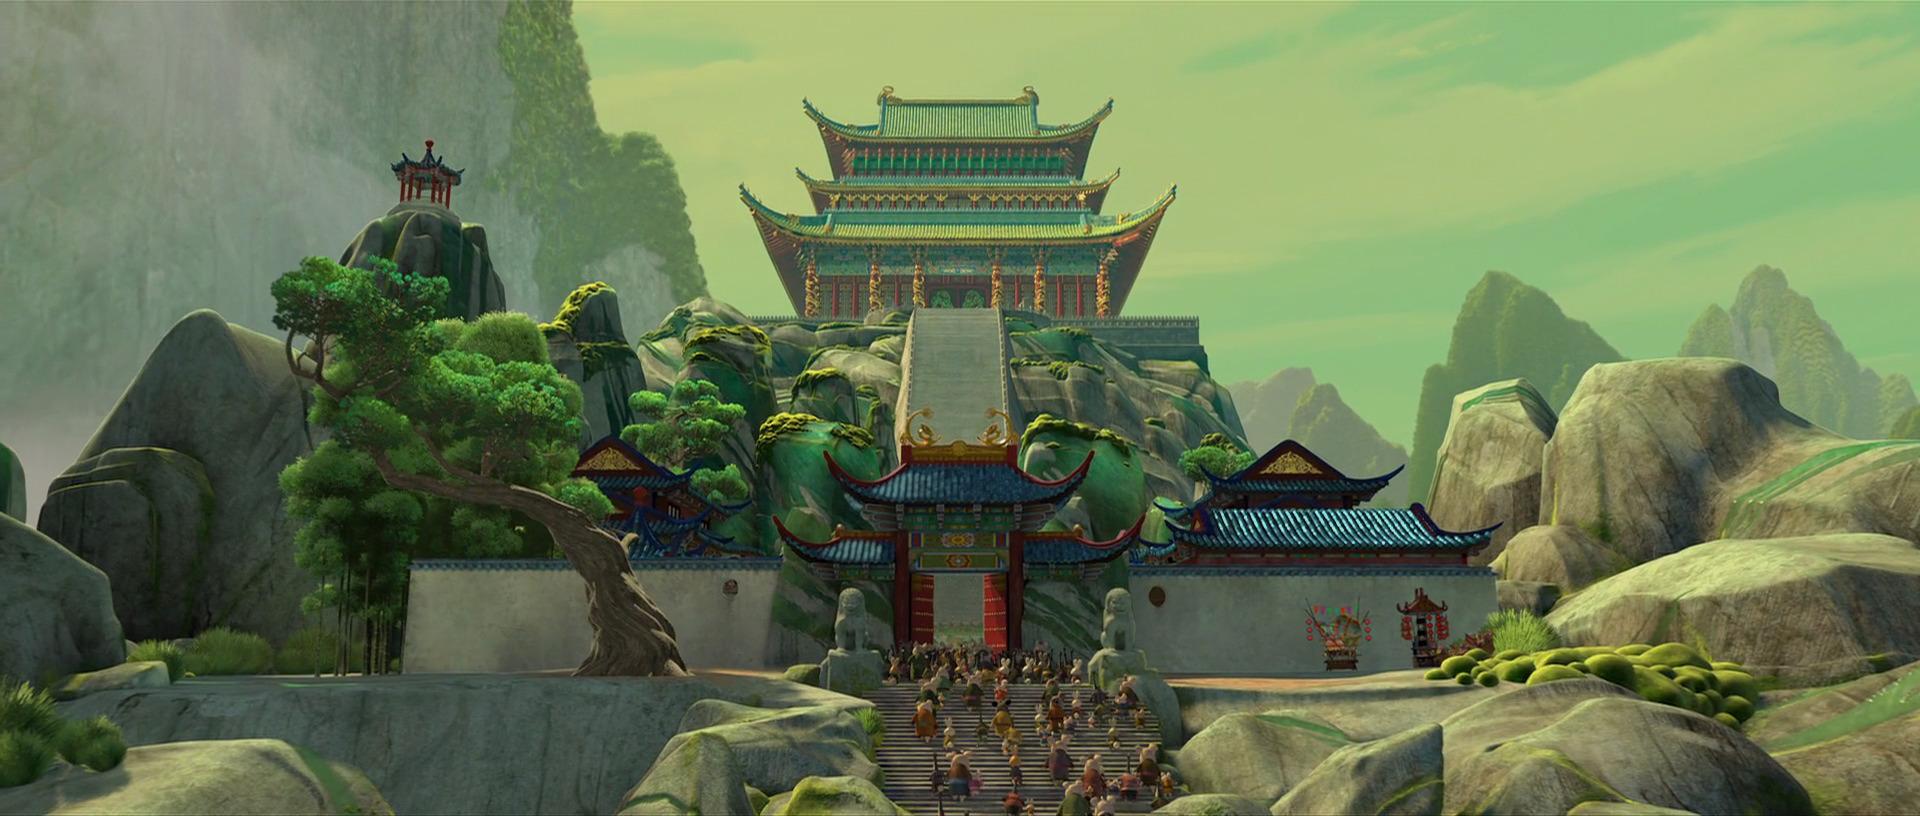 Jade-palace-arena1.jpg